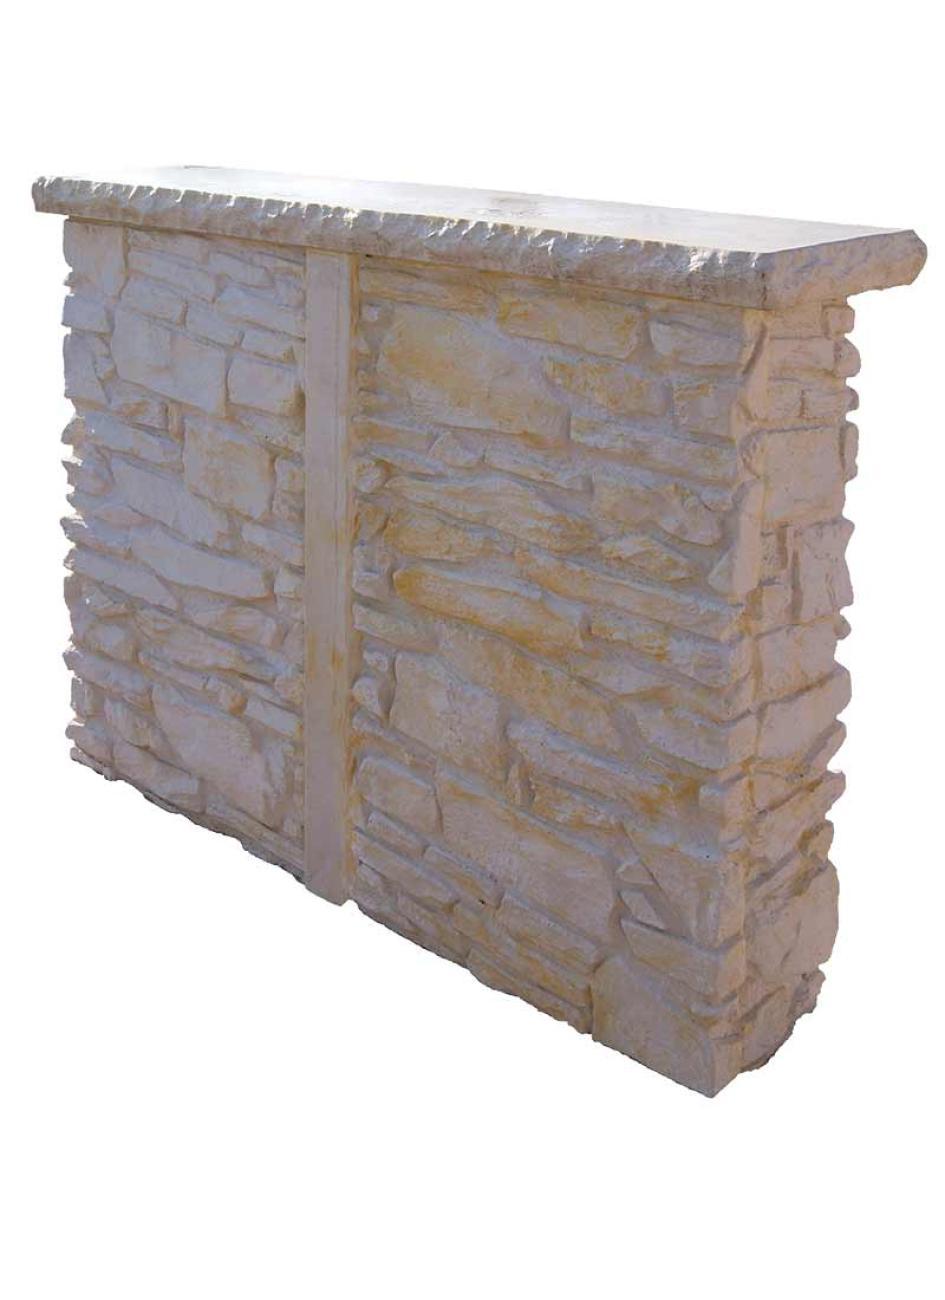 bar en pierre reconstituée pour cuisine d'été - la pierre d'antan